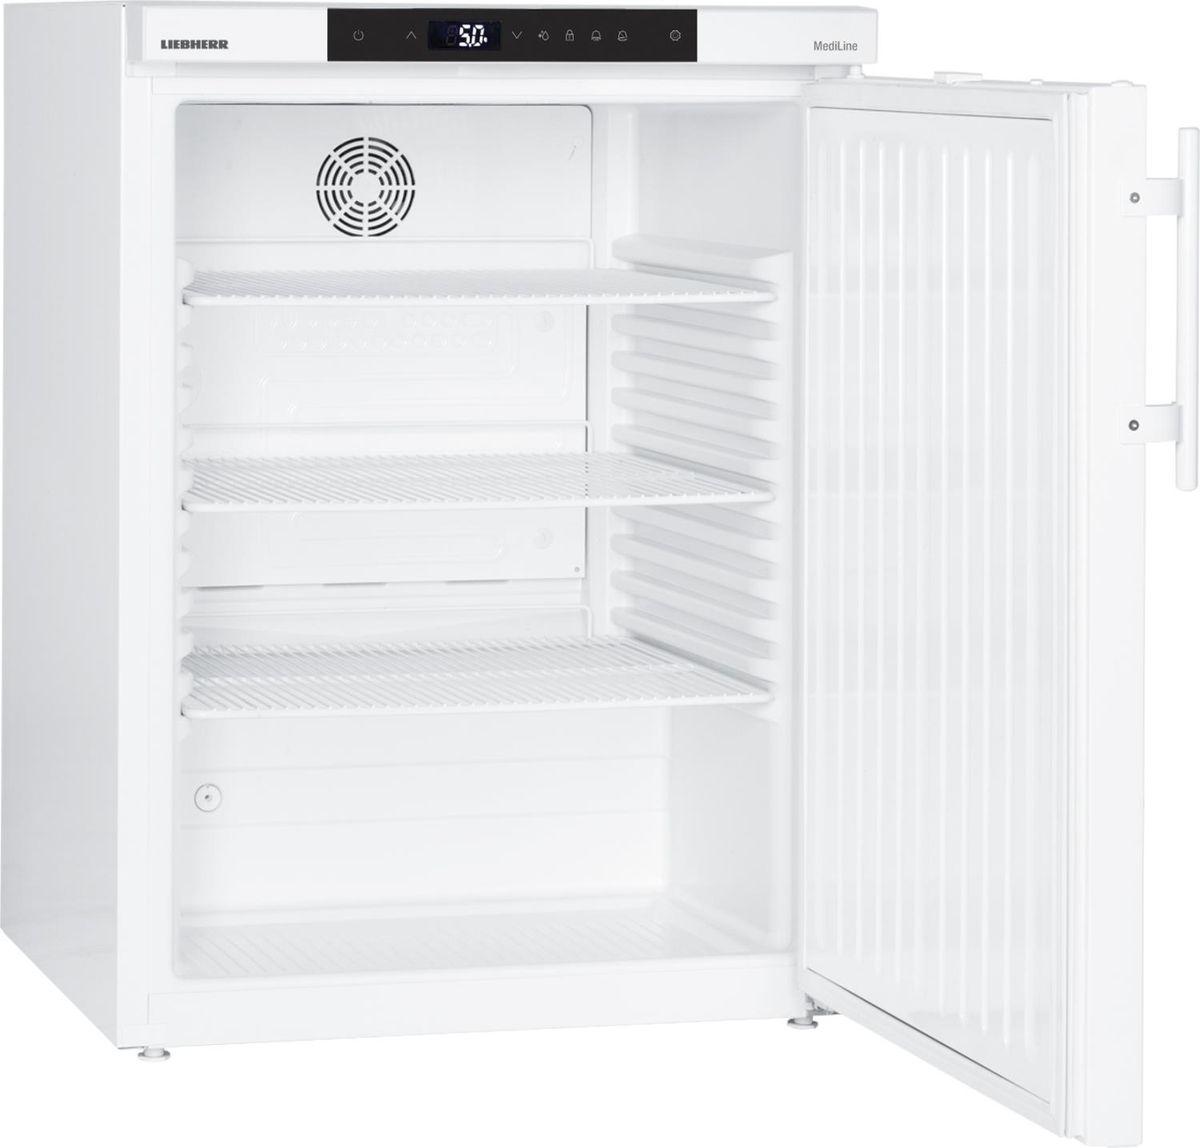 Labor Kühlschrank Unterbau, GR U2013 Fors SA